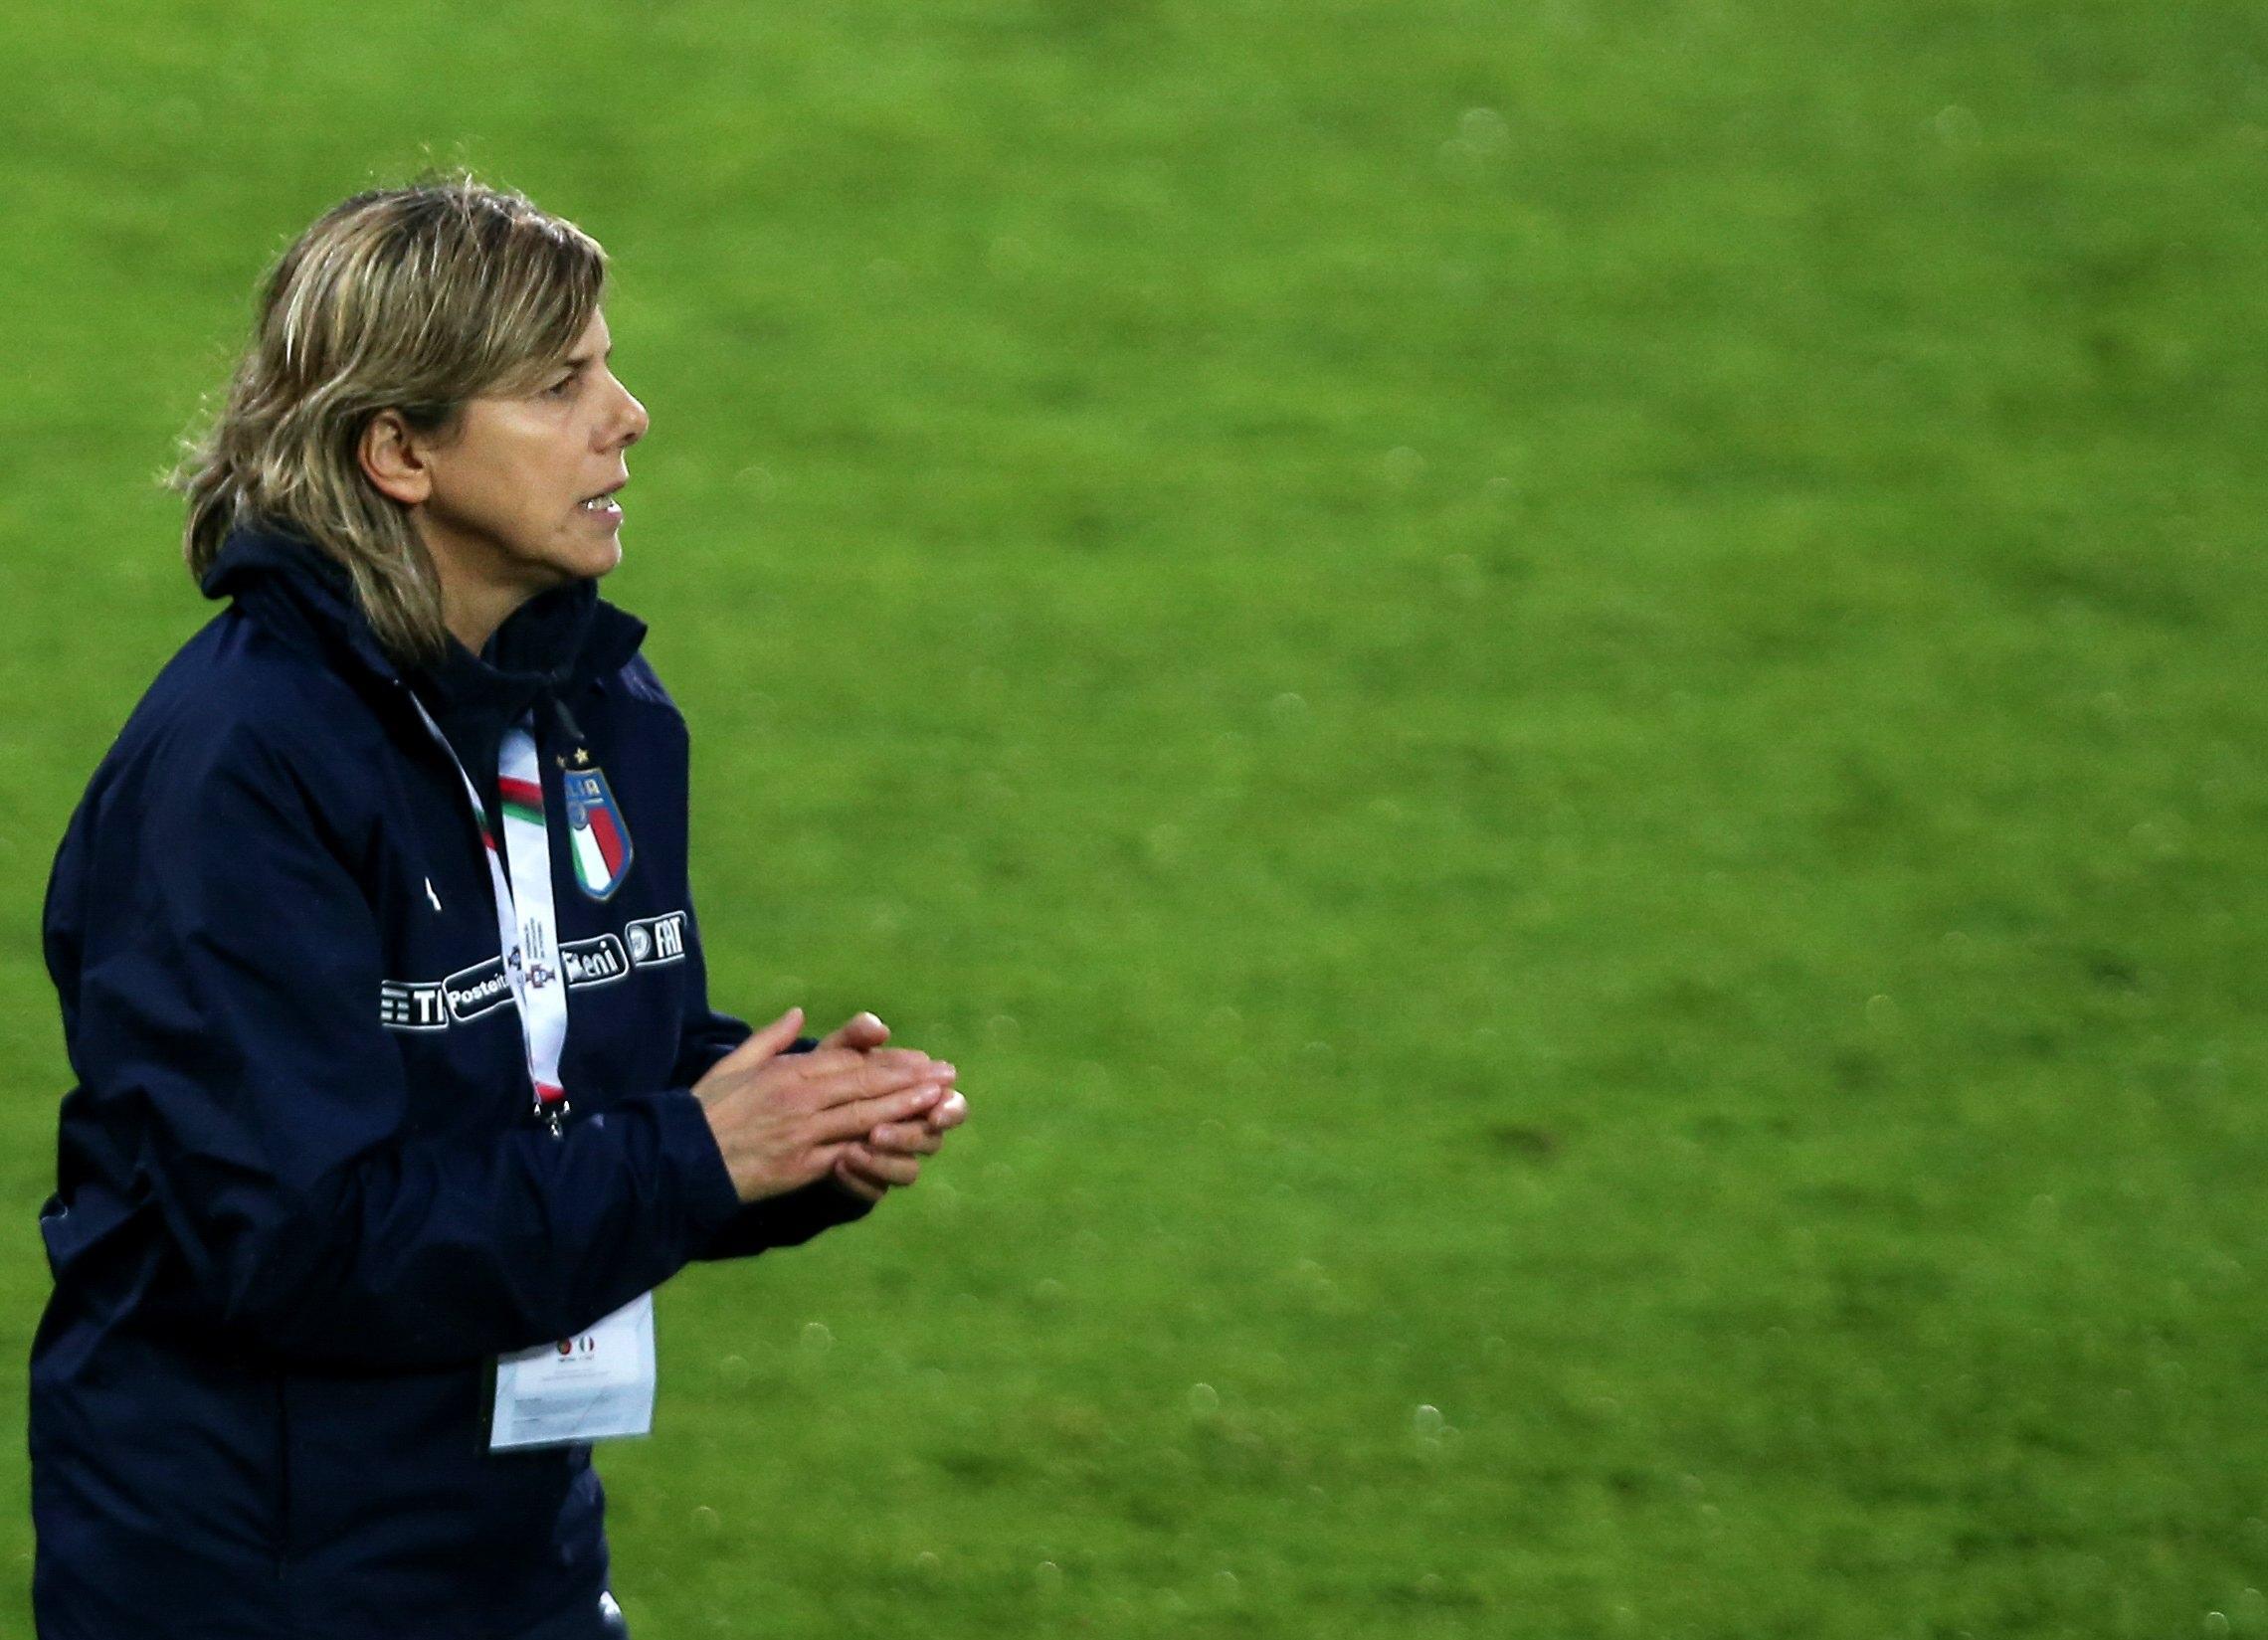 Nazionale femminile di calcio vince 2-1 contro il Belgio: il Mondiale è alle porte